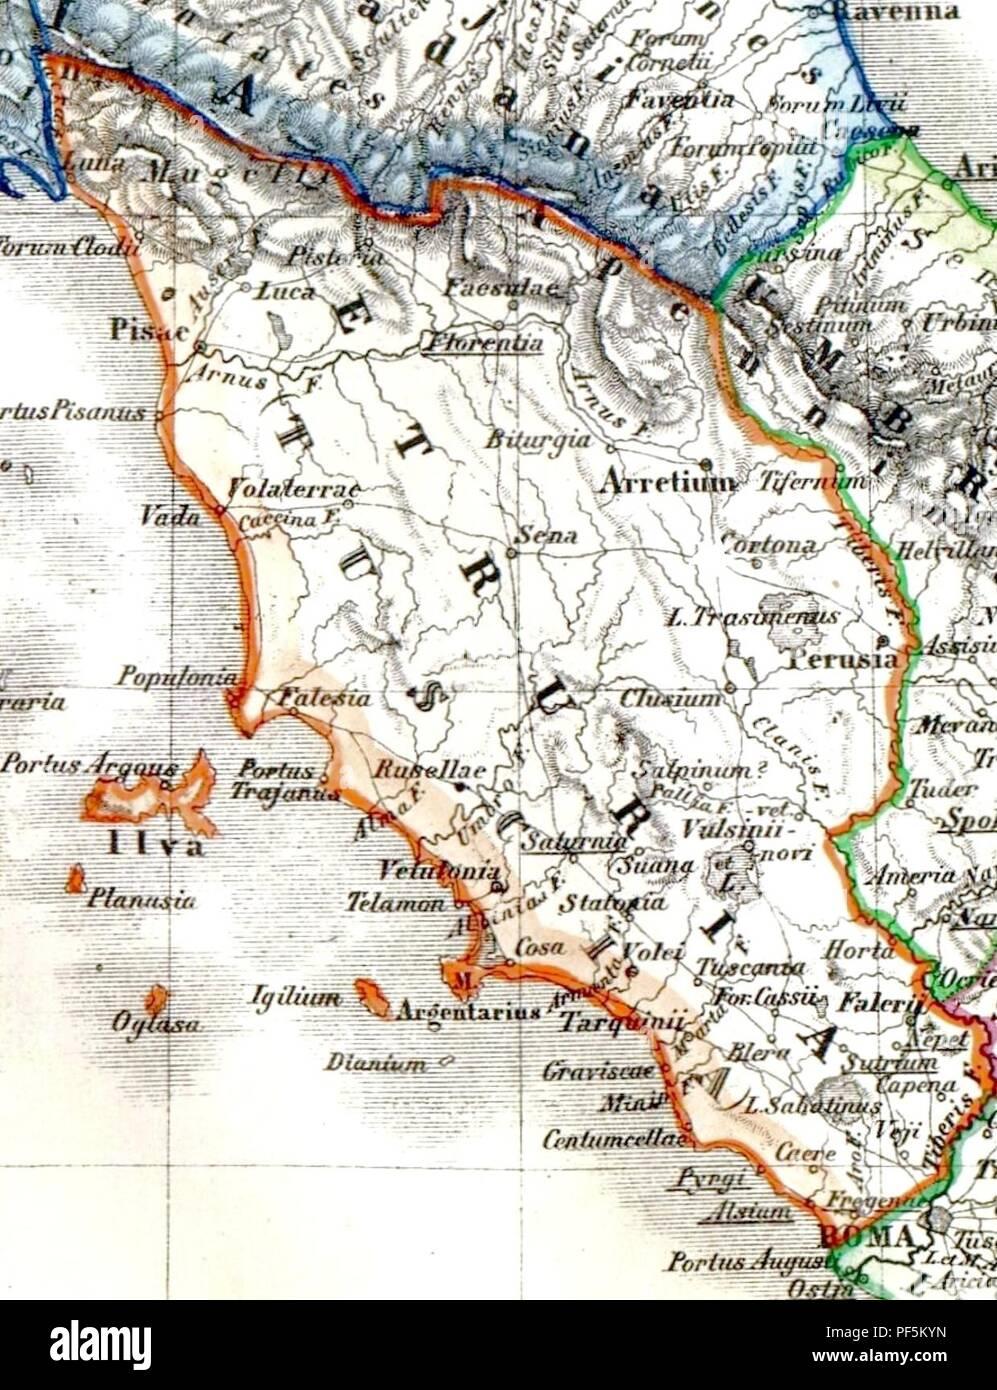 Atlas Antiquus - Etruria. - Stock Image